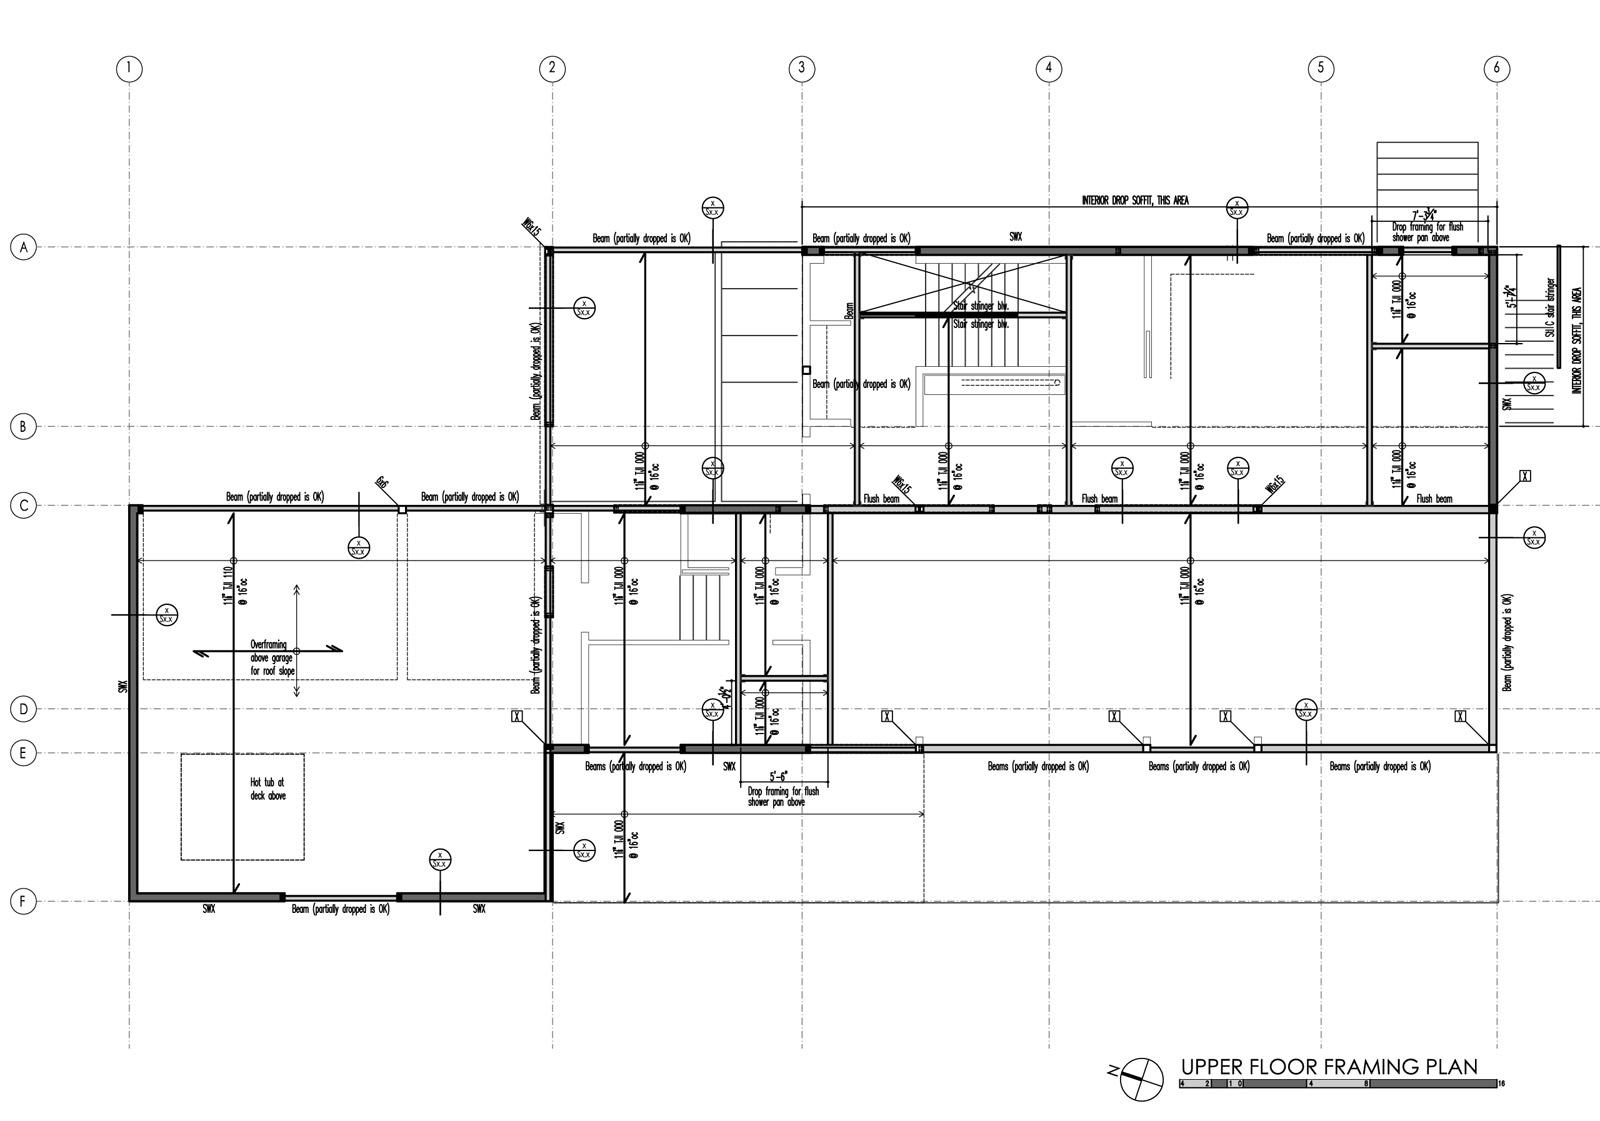 BUILD-LLC-Structural-Upper-Floor-Framing